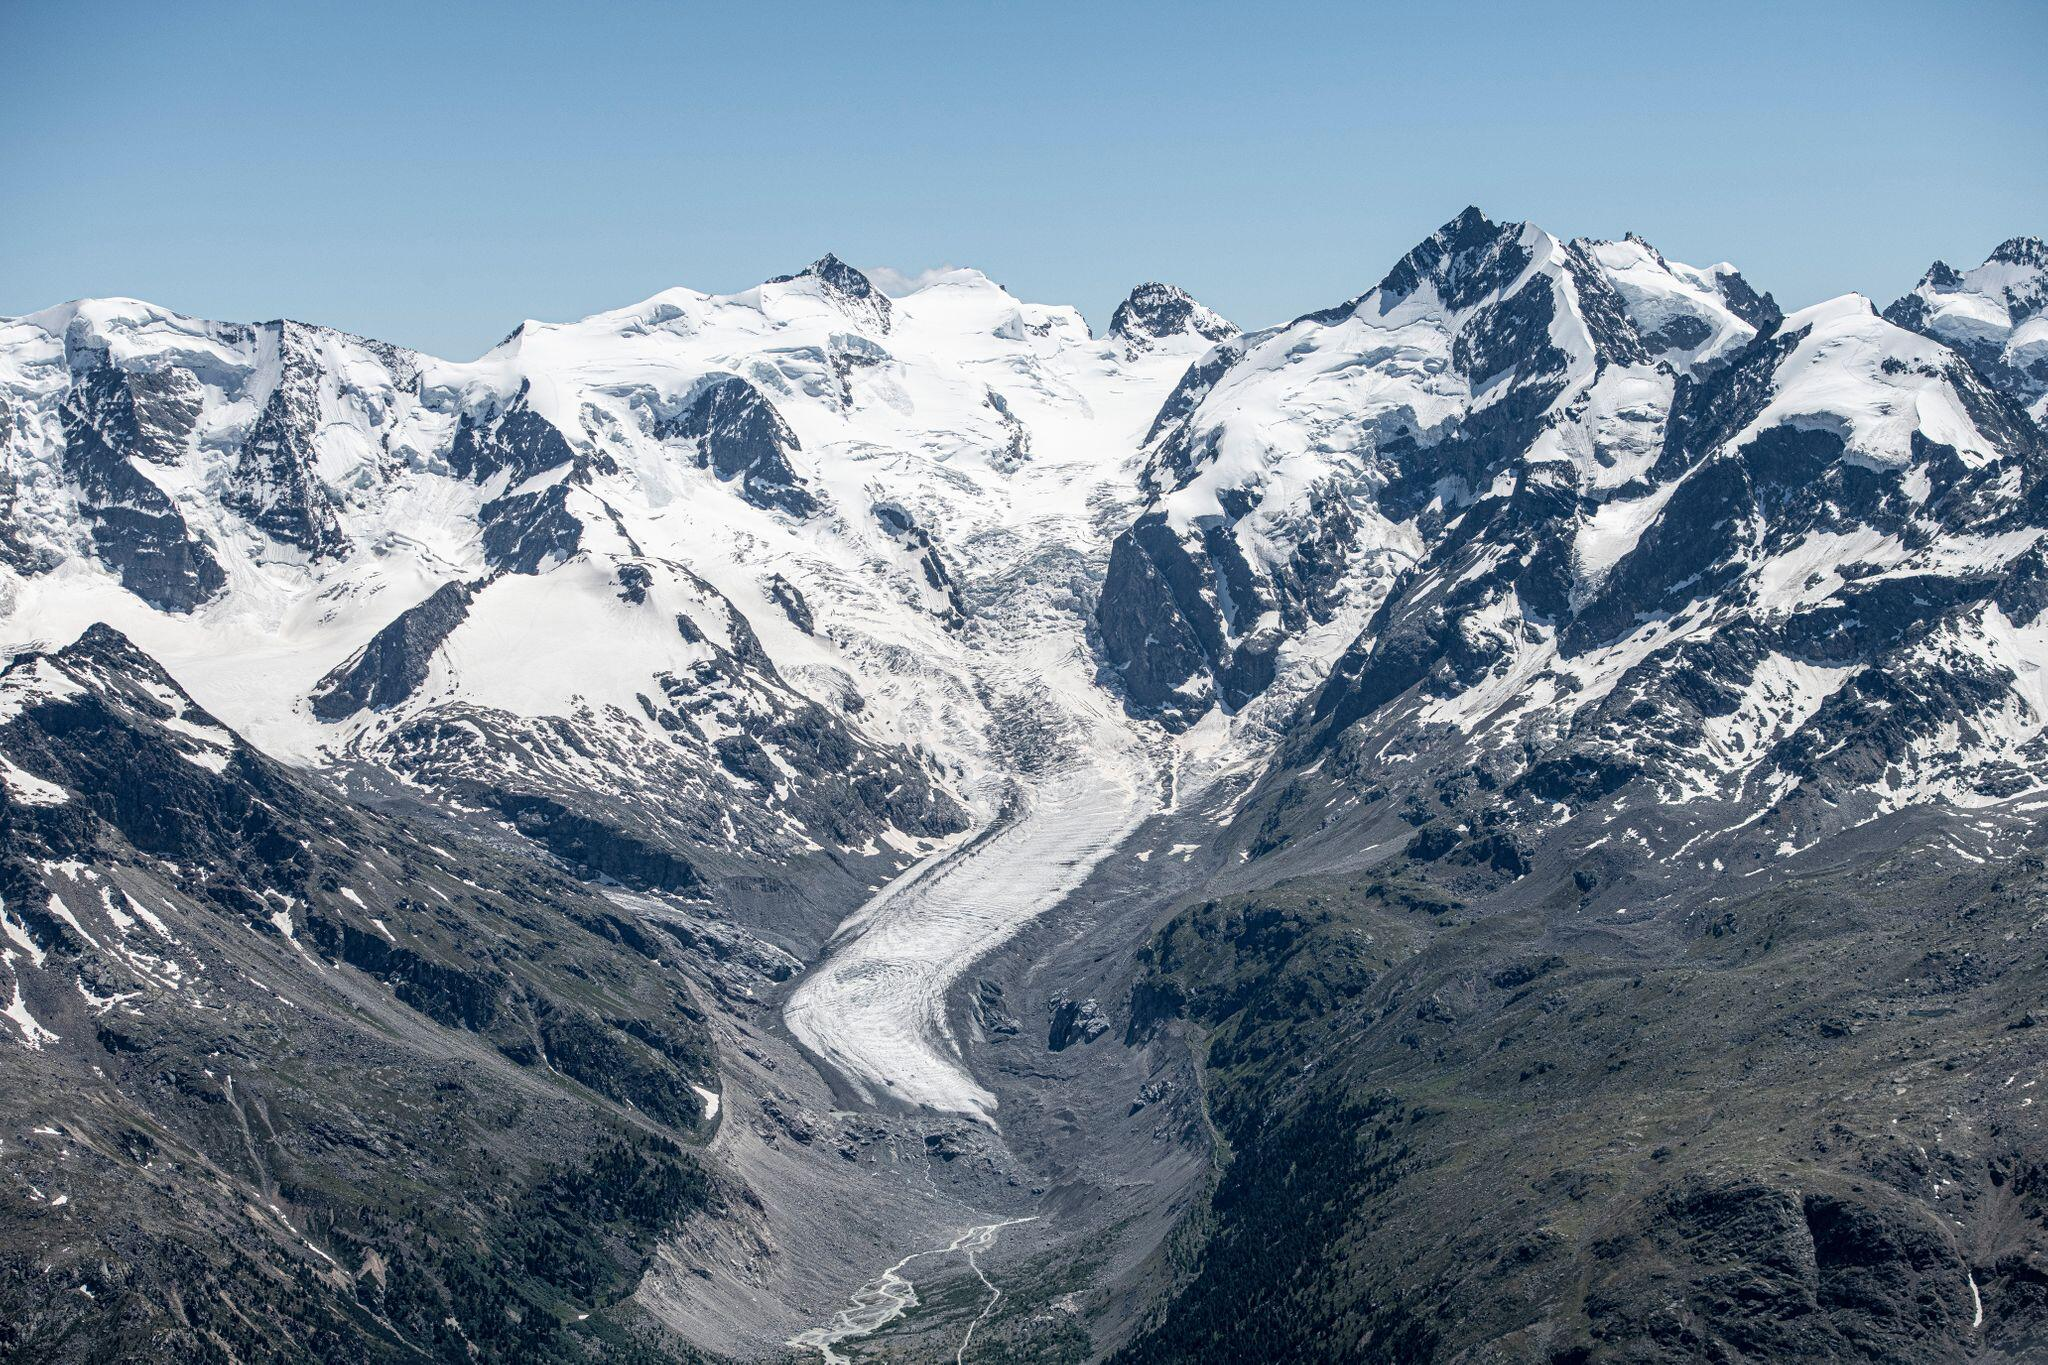 Bild zu Künstlicher Schnee soll Gletscherschwund aufhalten